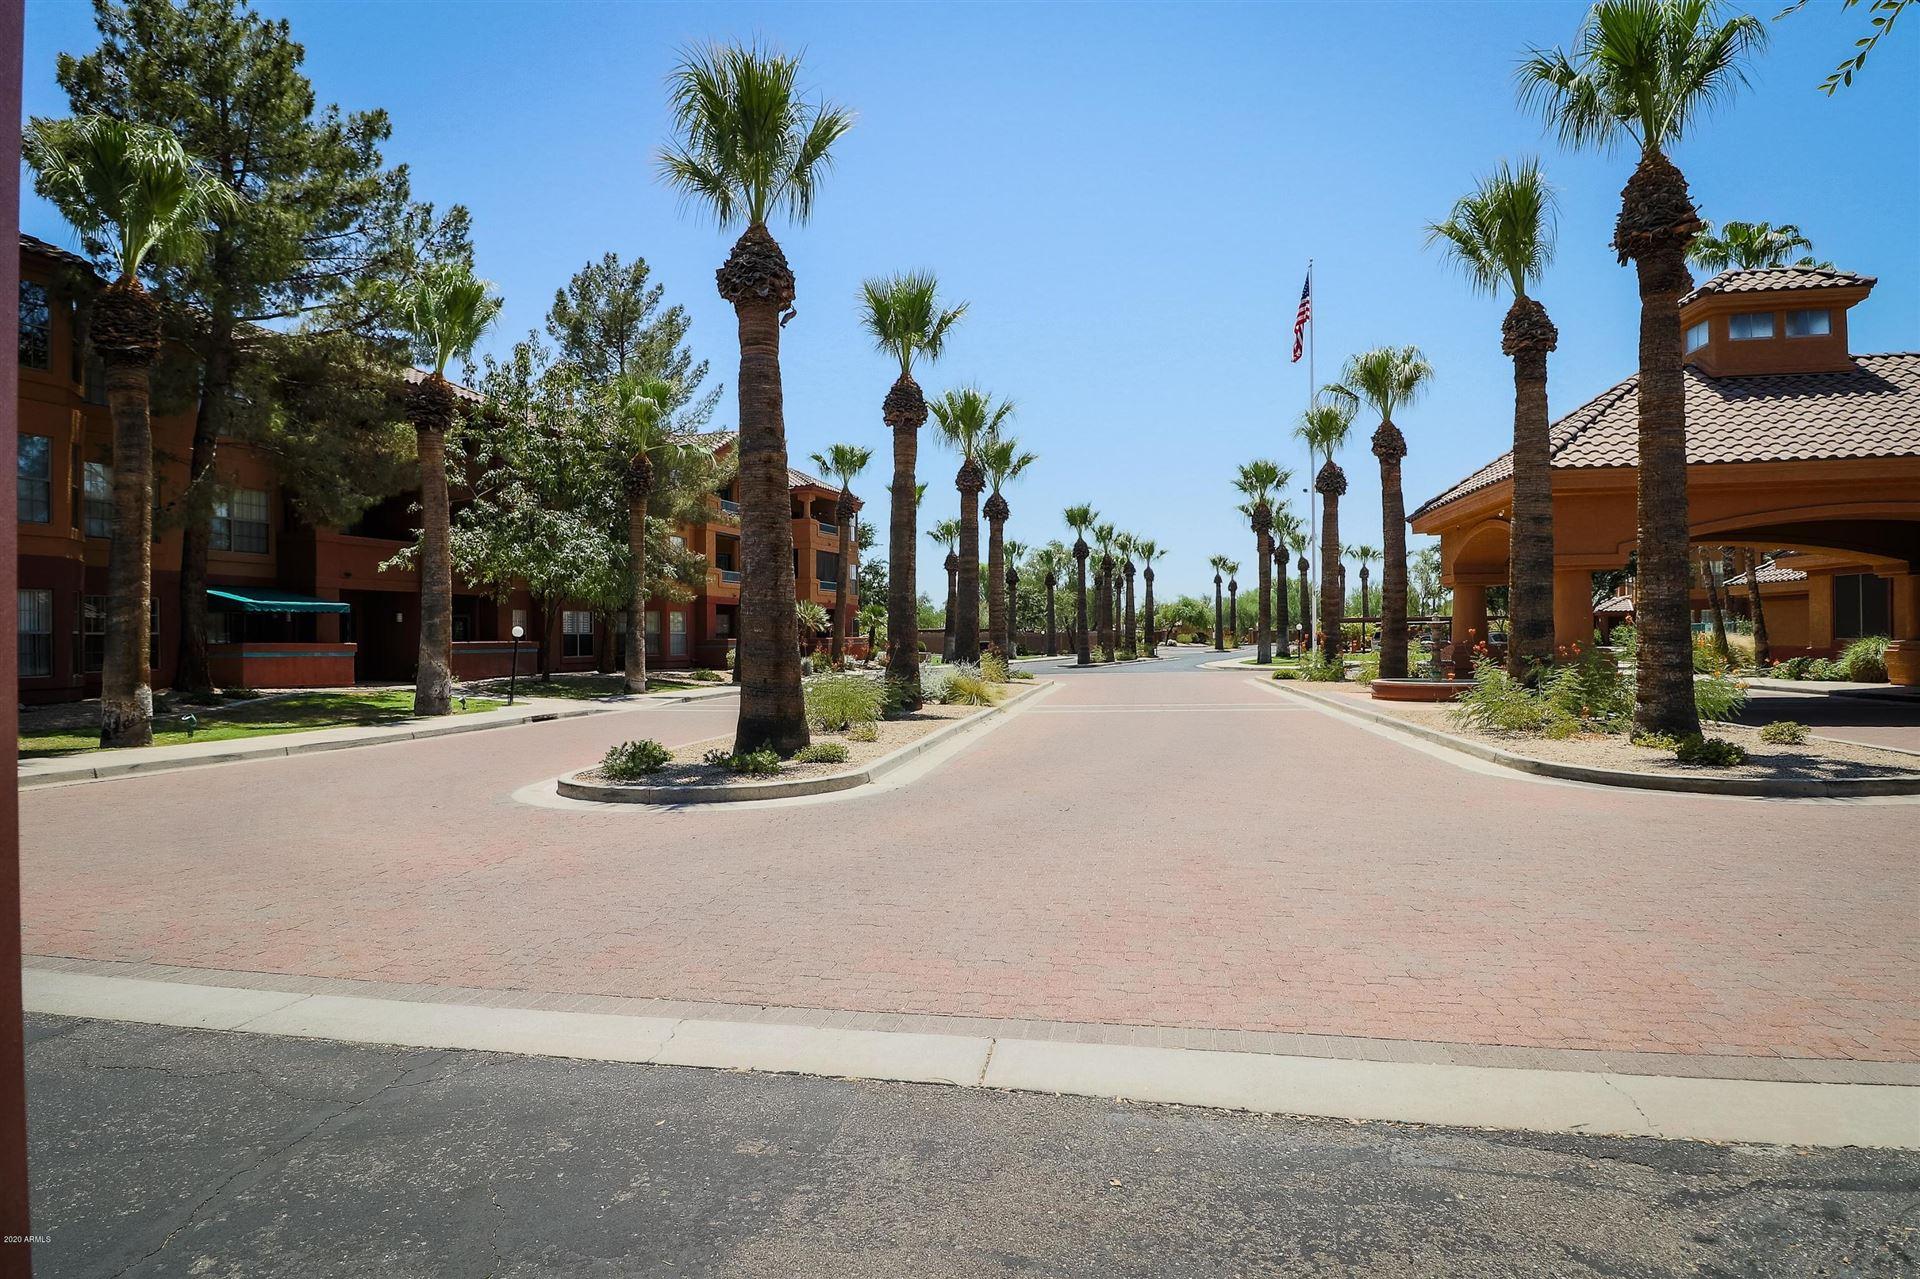 14950 W MOUNTAIN VIEW Boulevard #2208, Surprise, AZ 85374 - MLS#: 6112205